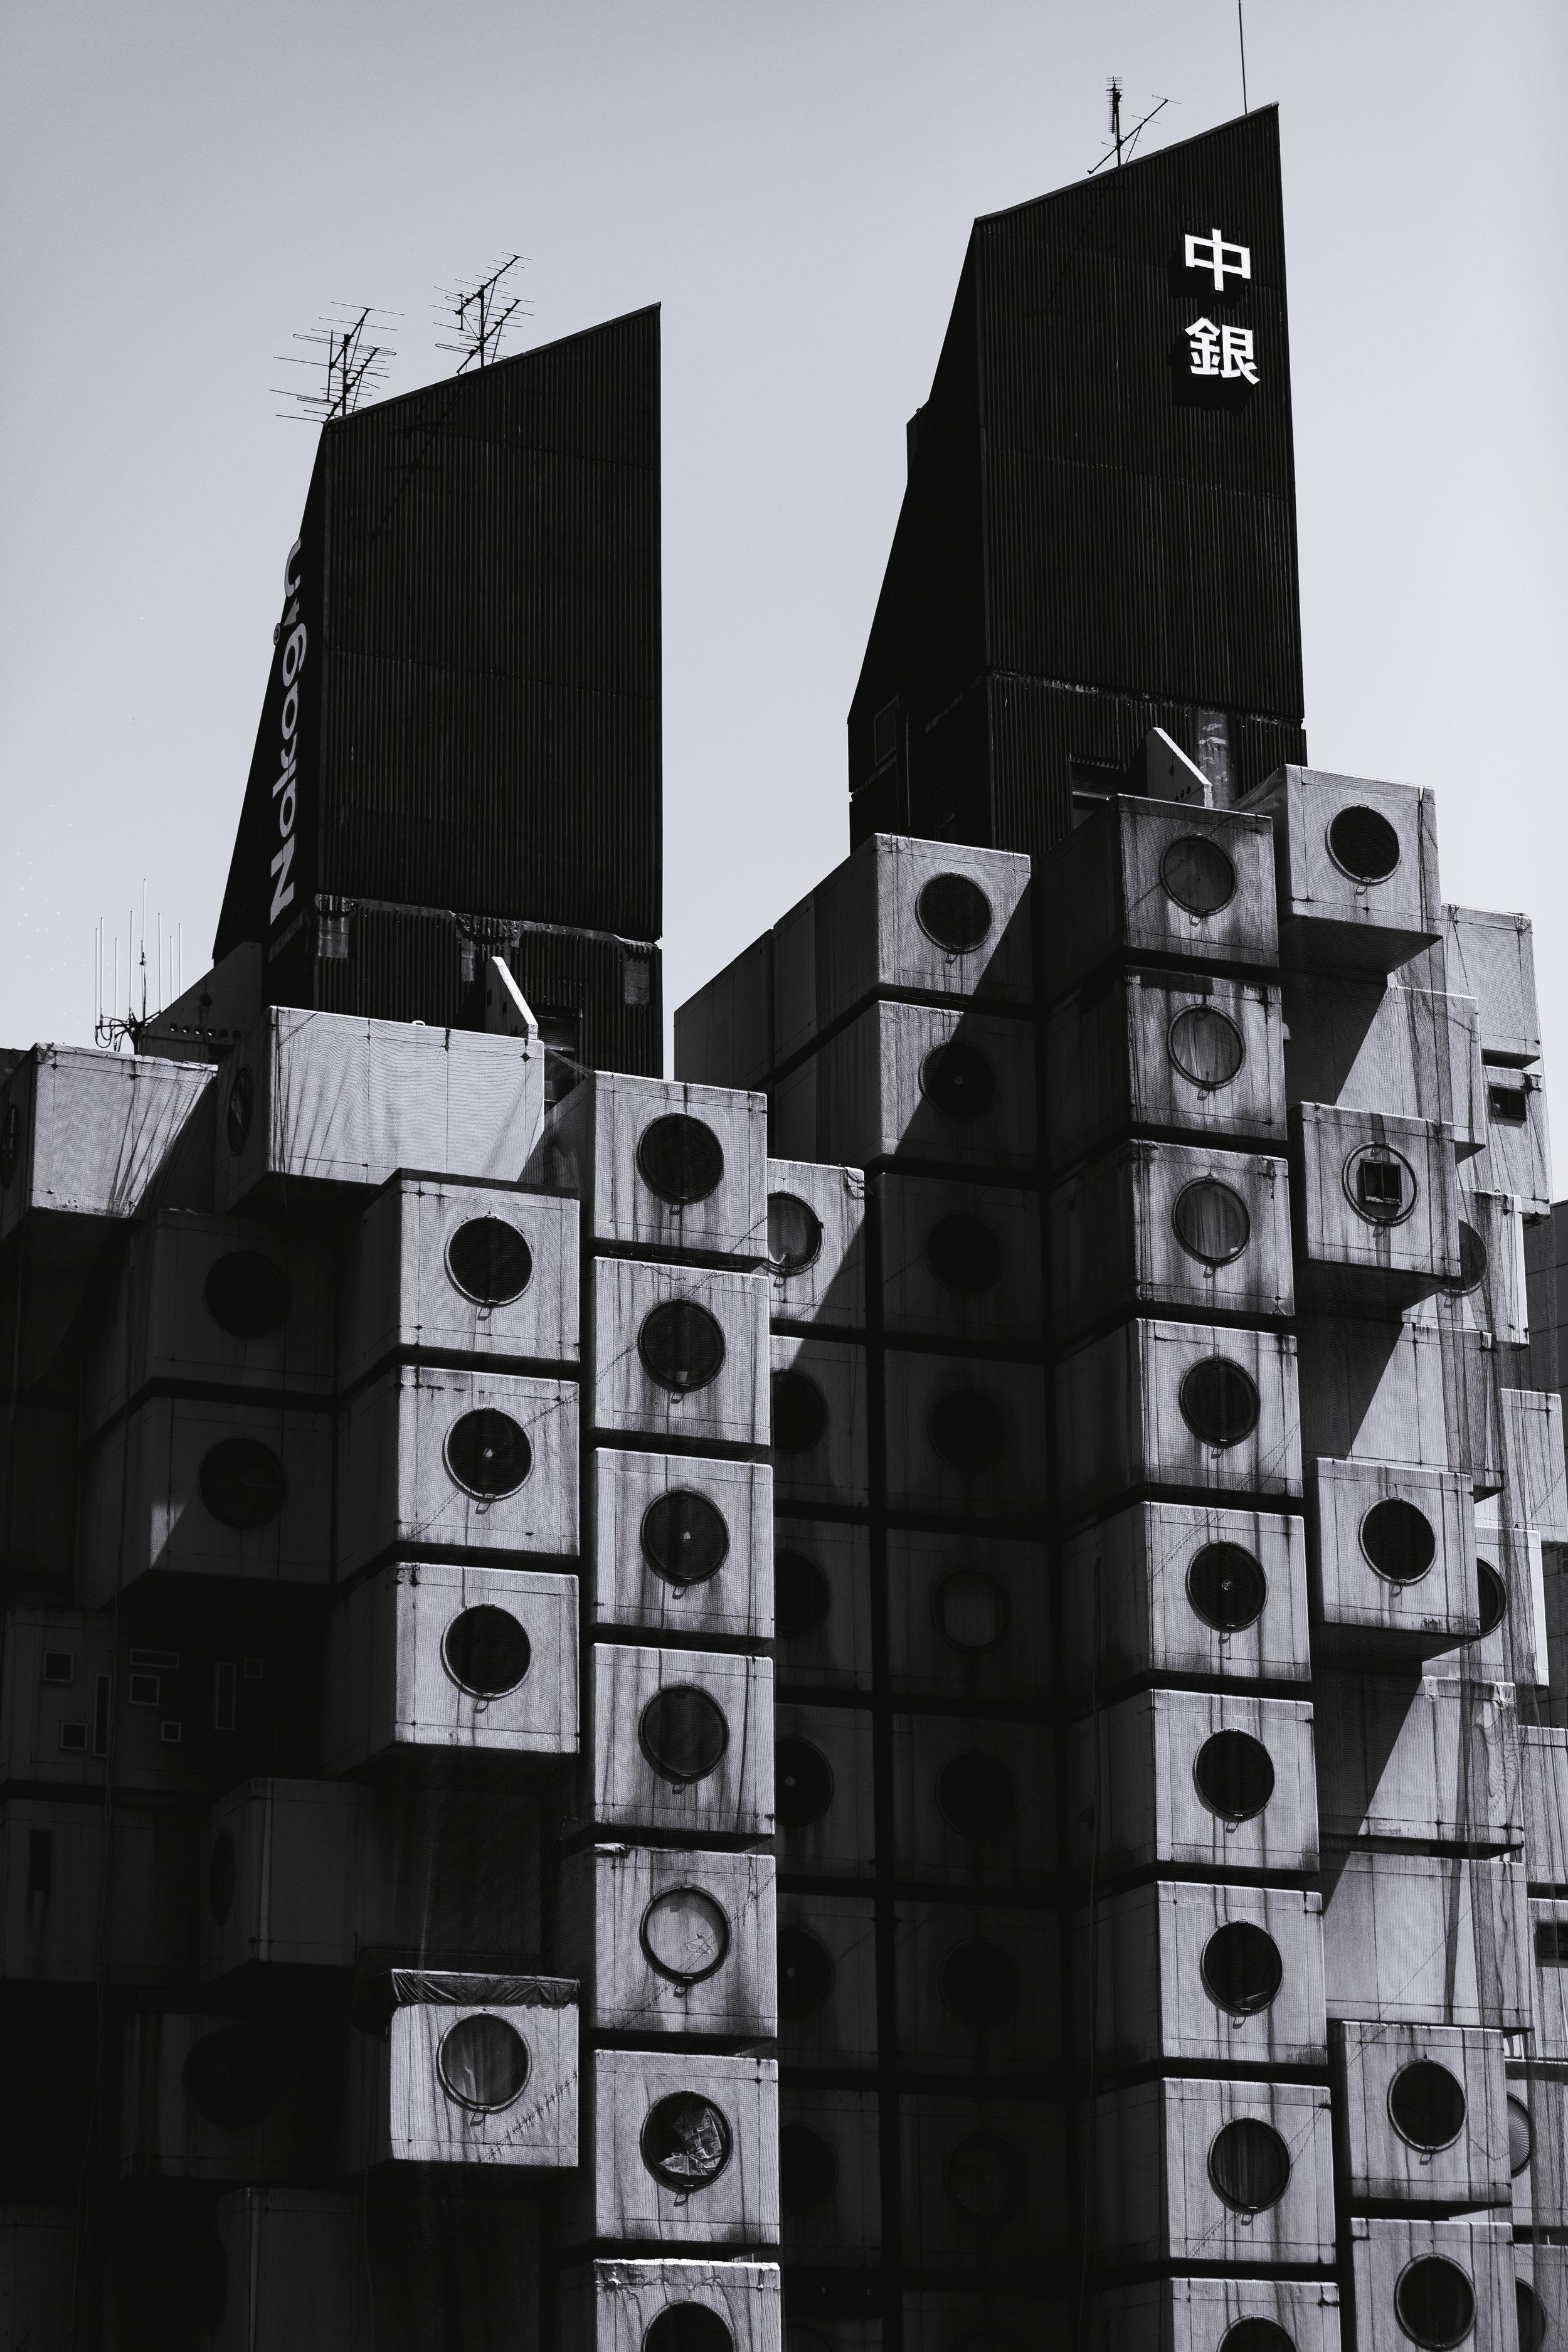 capsule-tower-tokyo.jpg